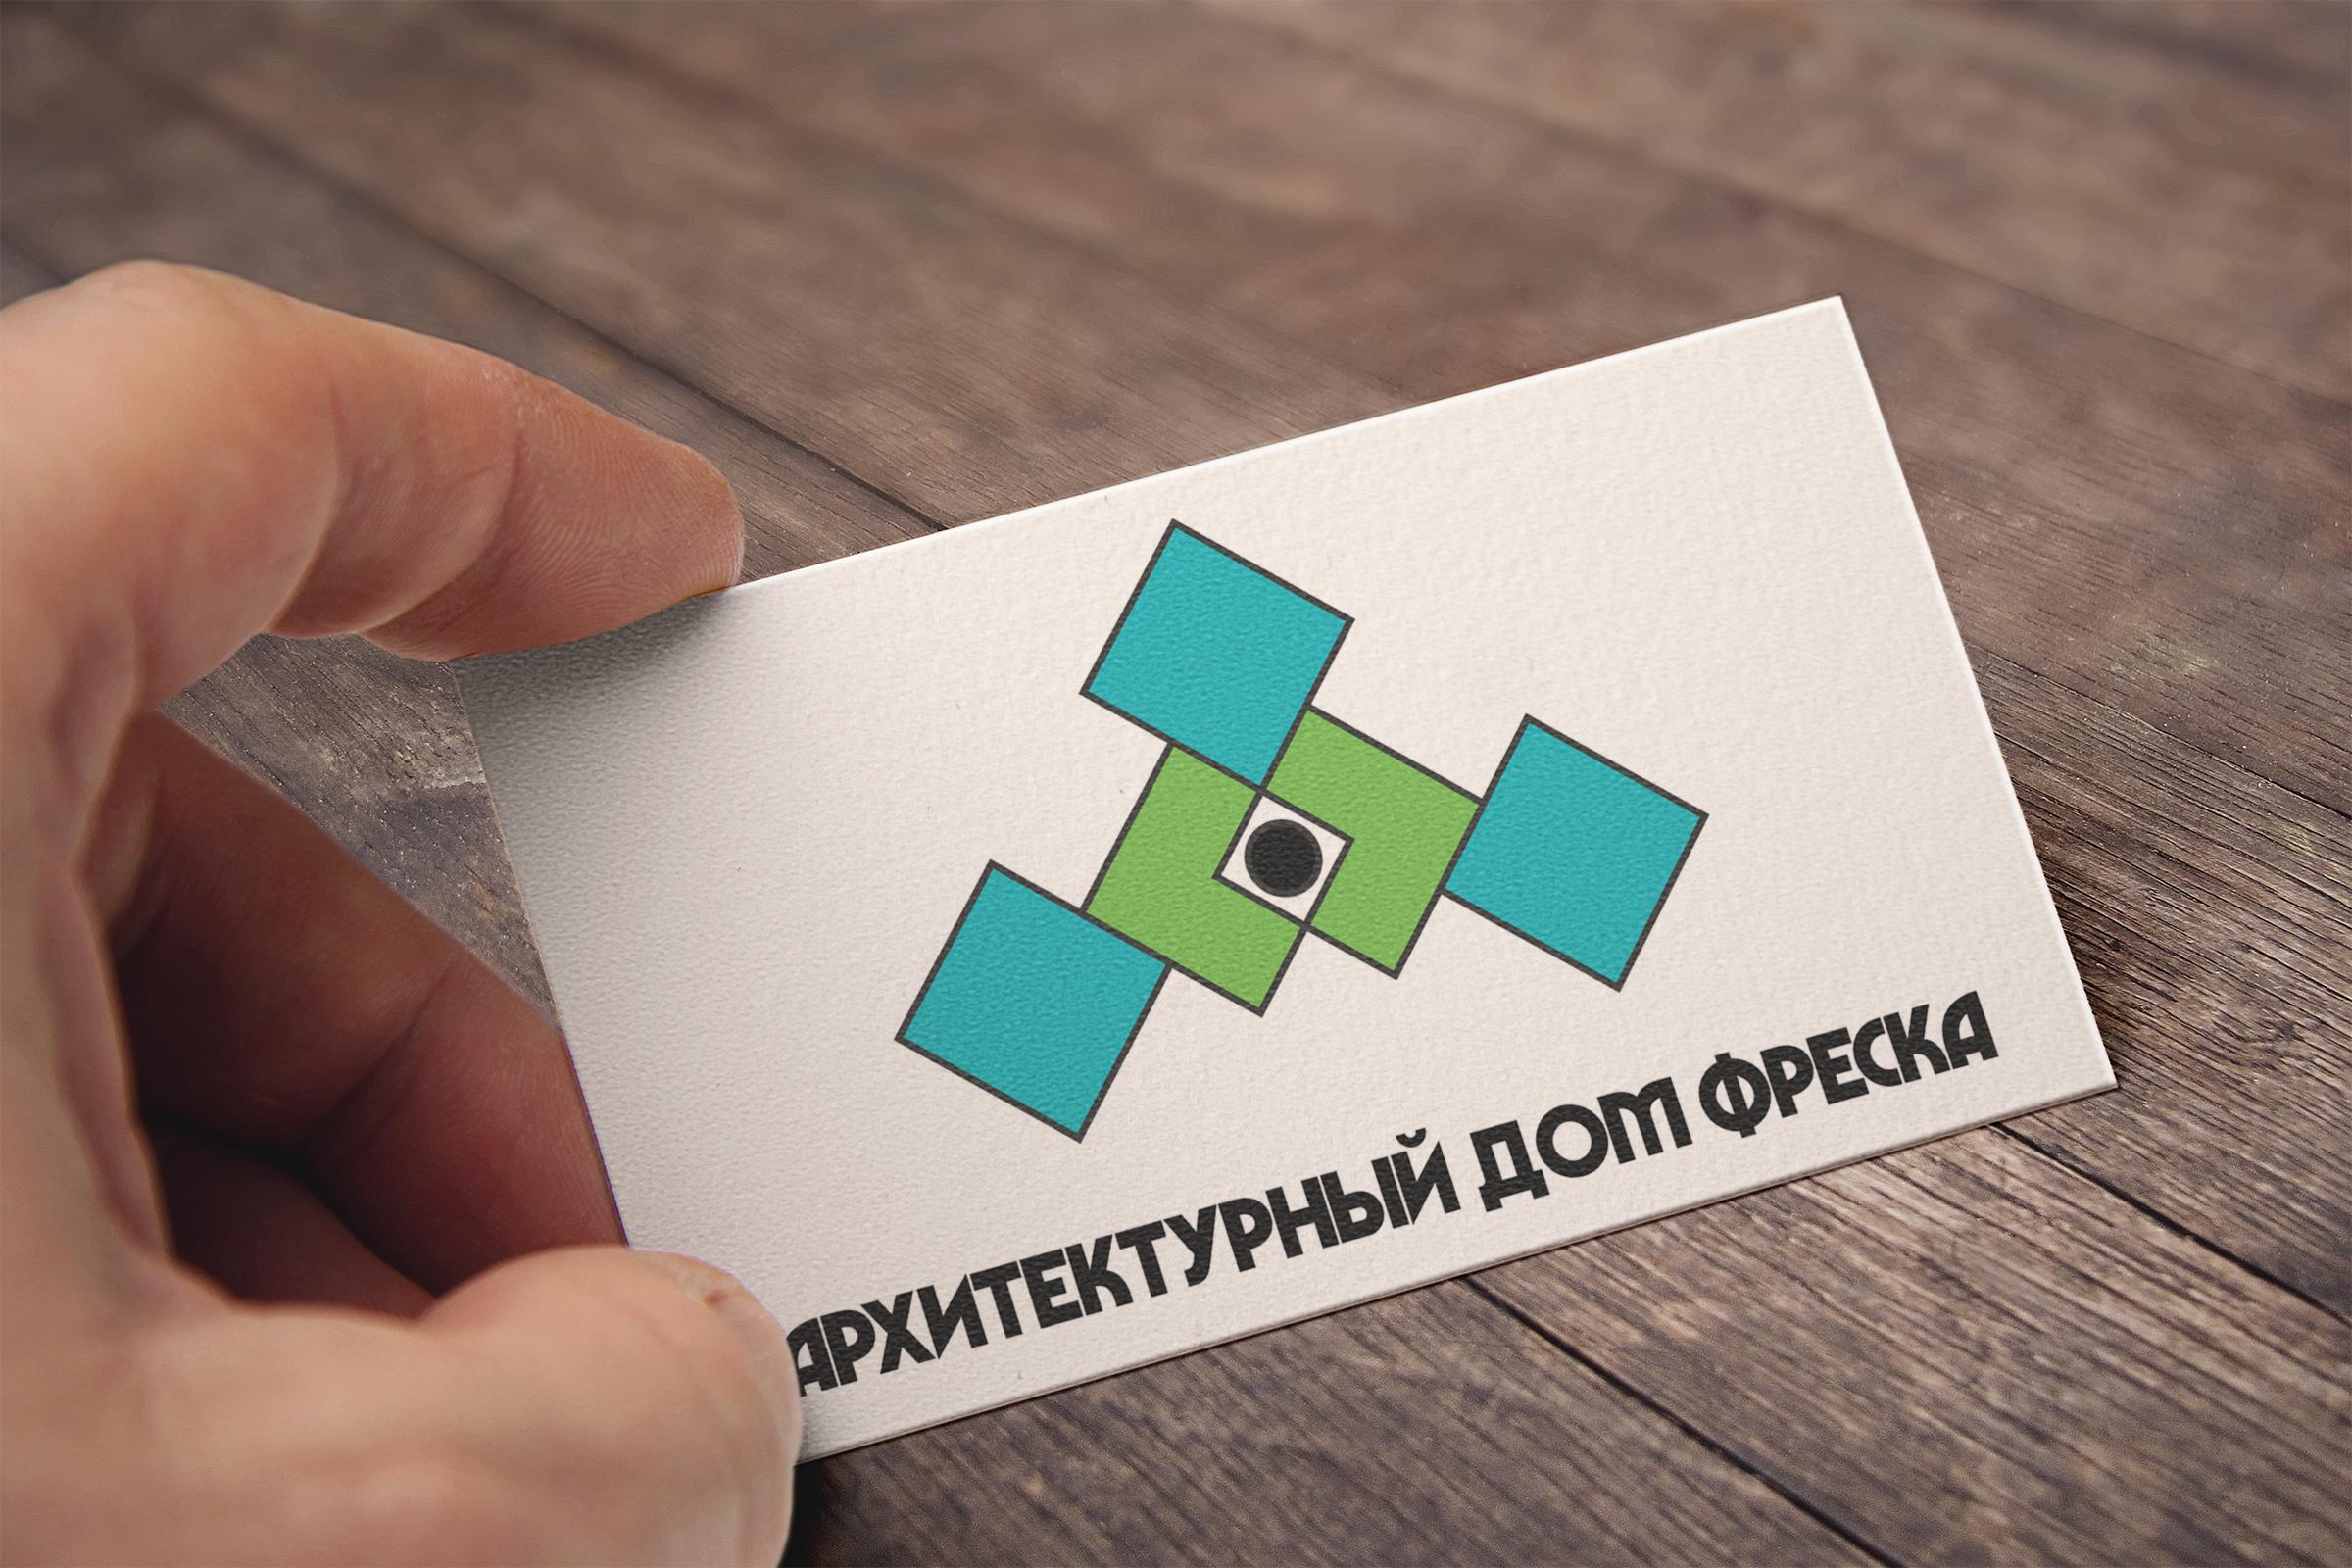 Разработка логотипа и фирменного стиля  фото f_9405a9f8d410c2f4.jpg